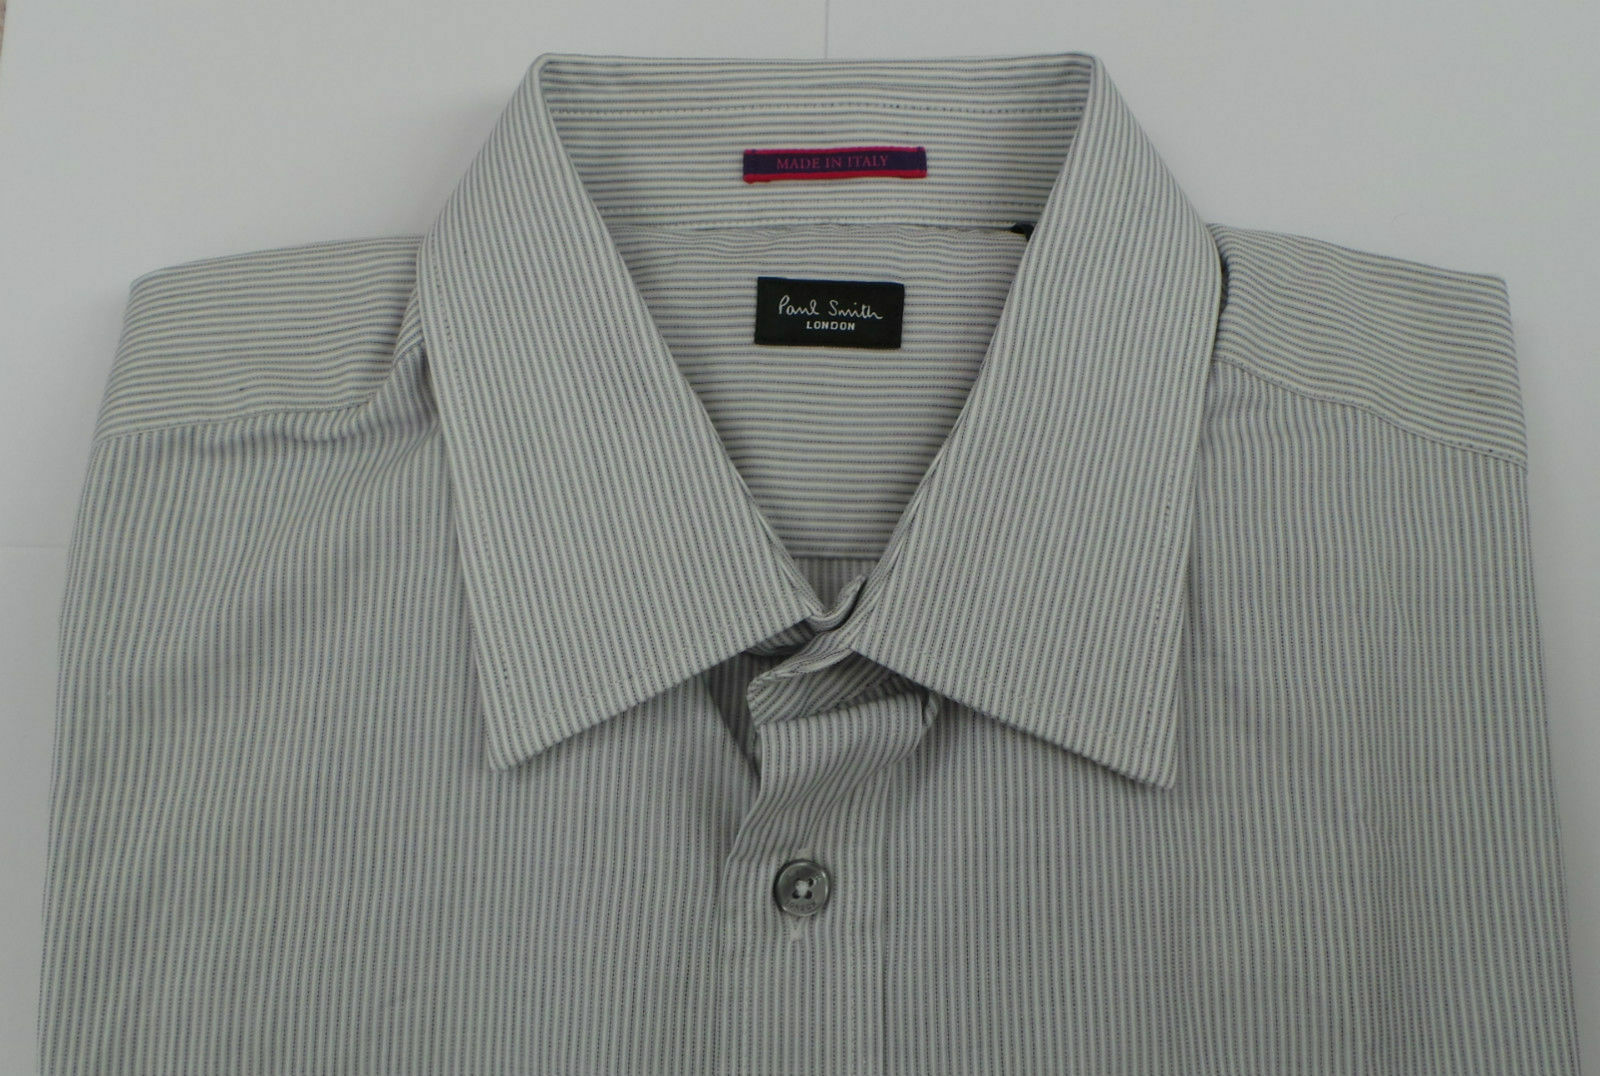 Paul Smith Camicia Taglia 16.5 strisce di grandi dimensioni